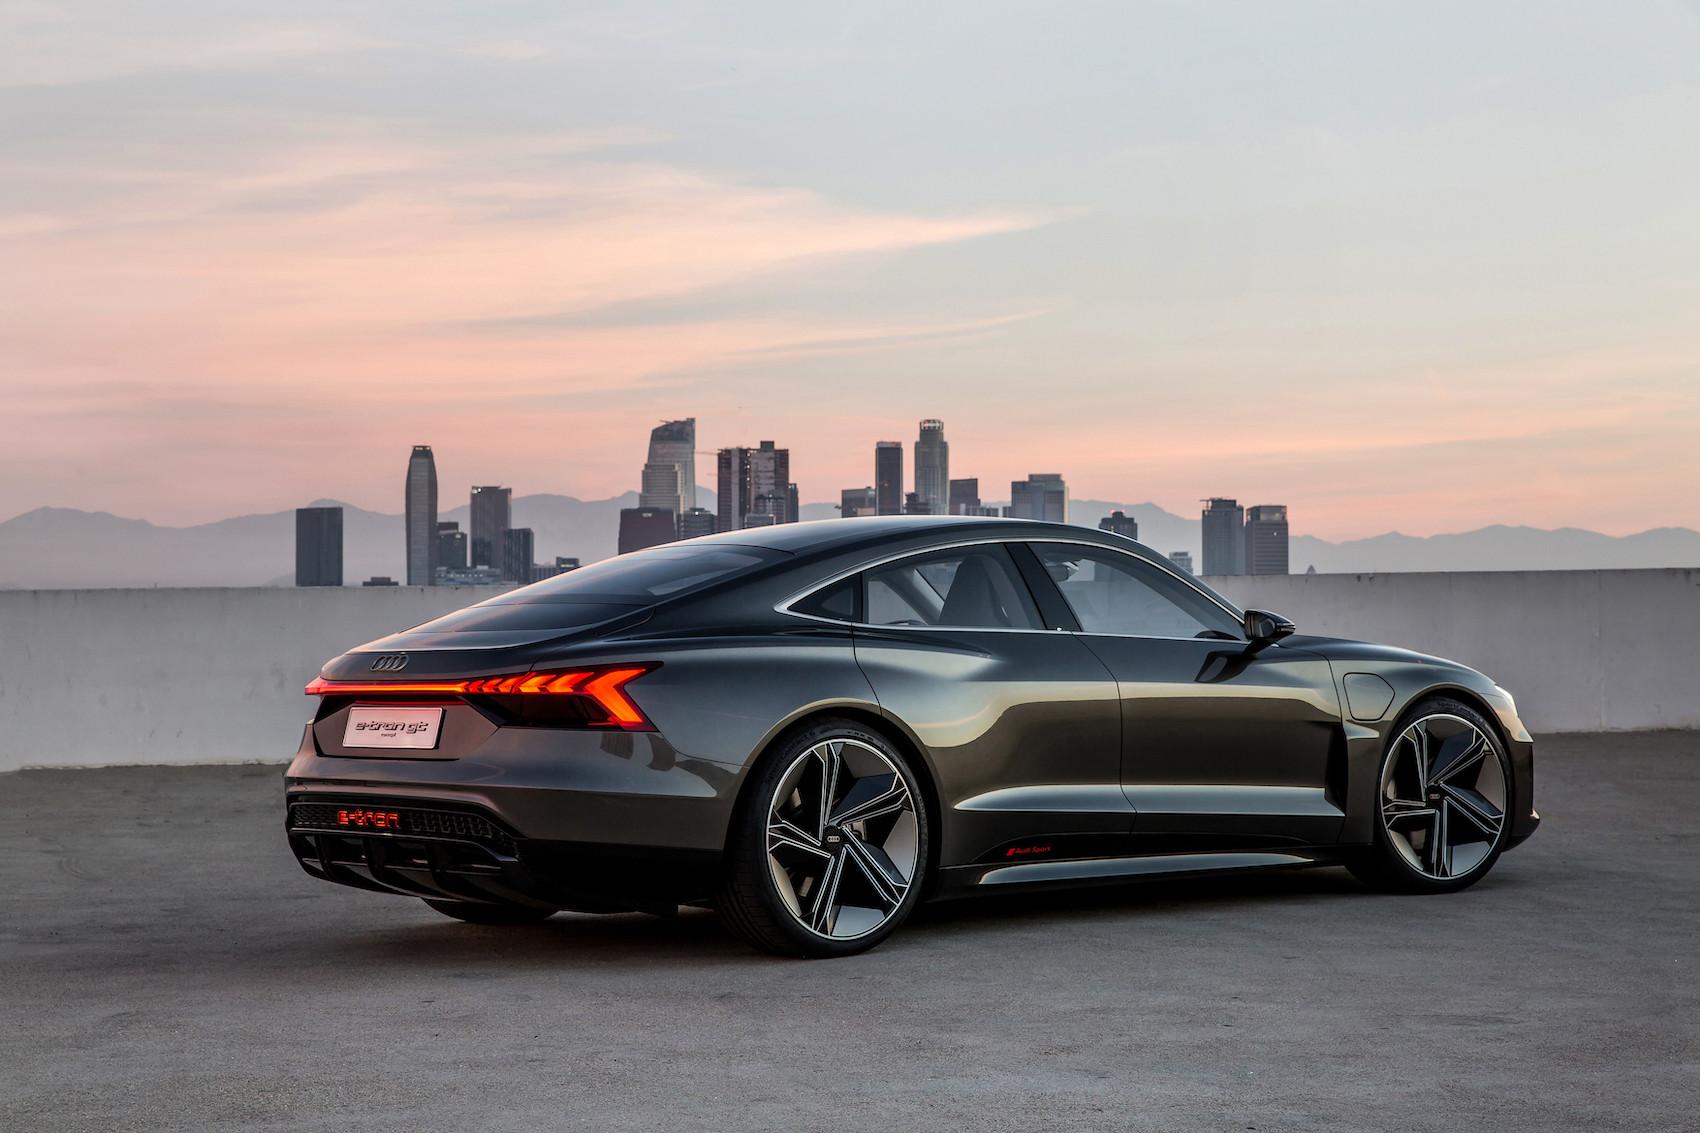 La bande lumineuse à l'arrière le montre sans conteste: il s'agit bien ici d'une voiture de la série e-tron. (Audi)